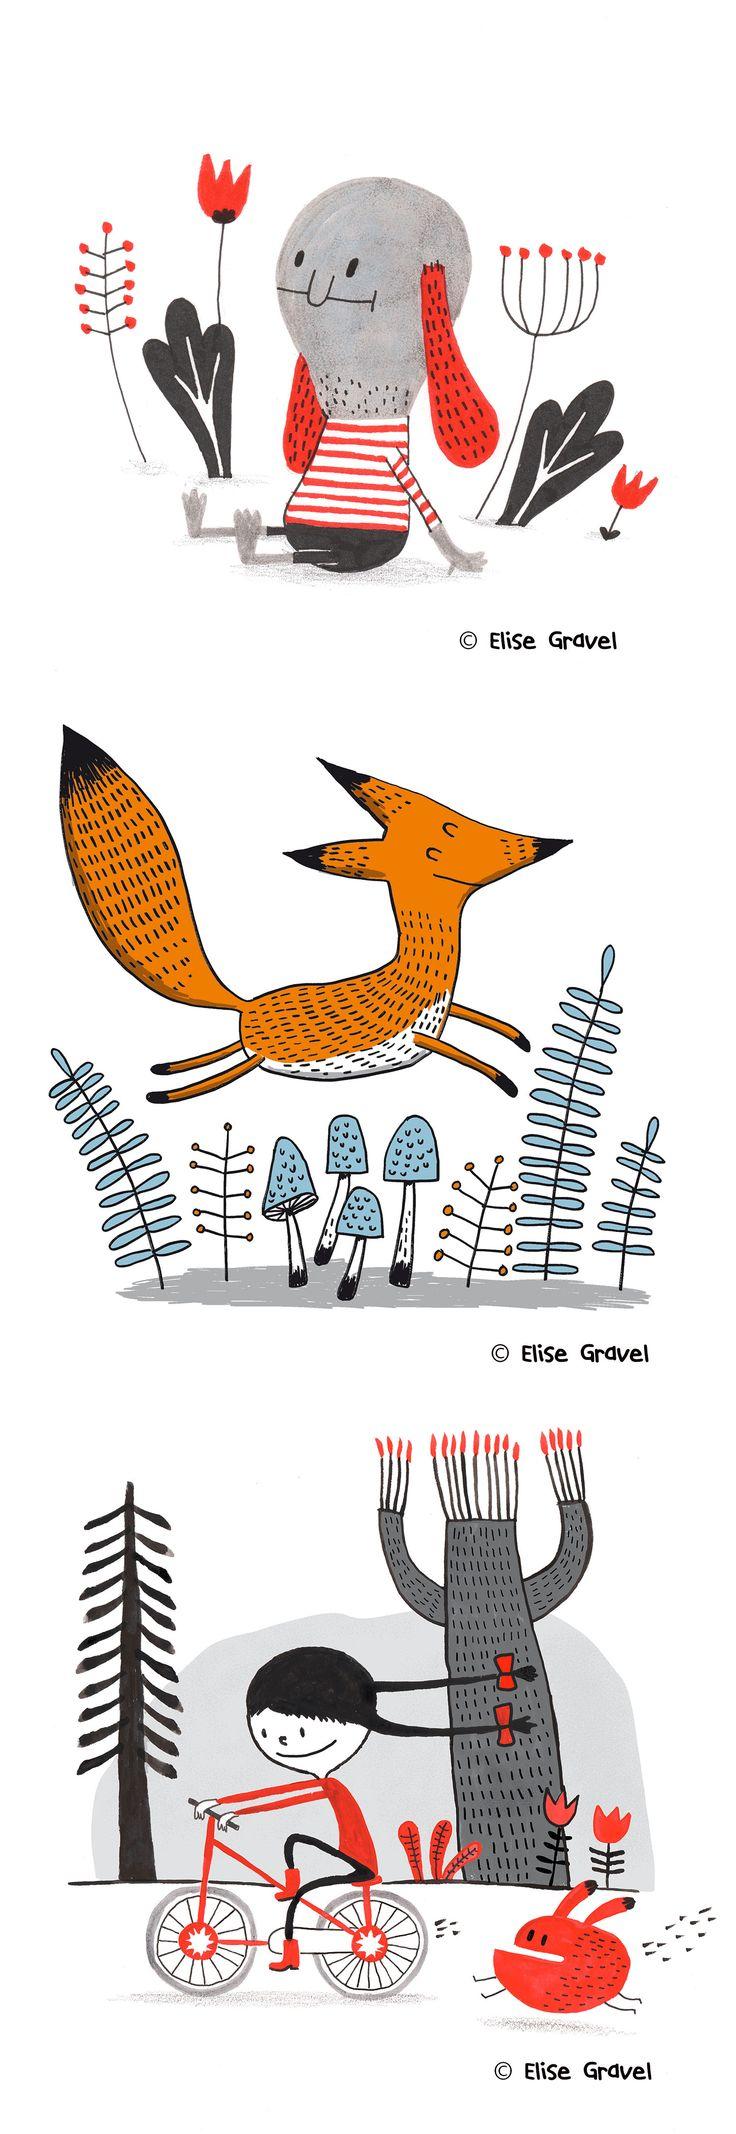 Elise Gravel illustration • Fox • dog • cute• red • black • kids • children • art • character • design • Girl • bicycle • monster